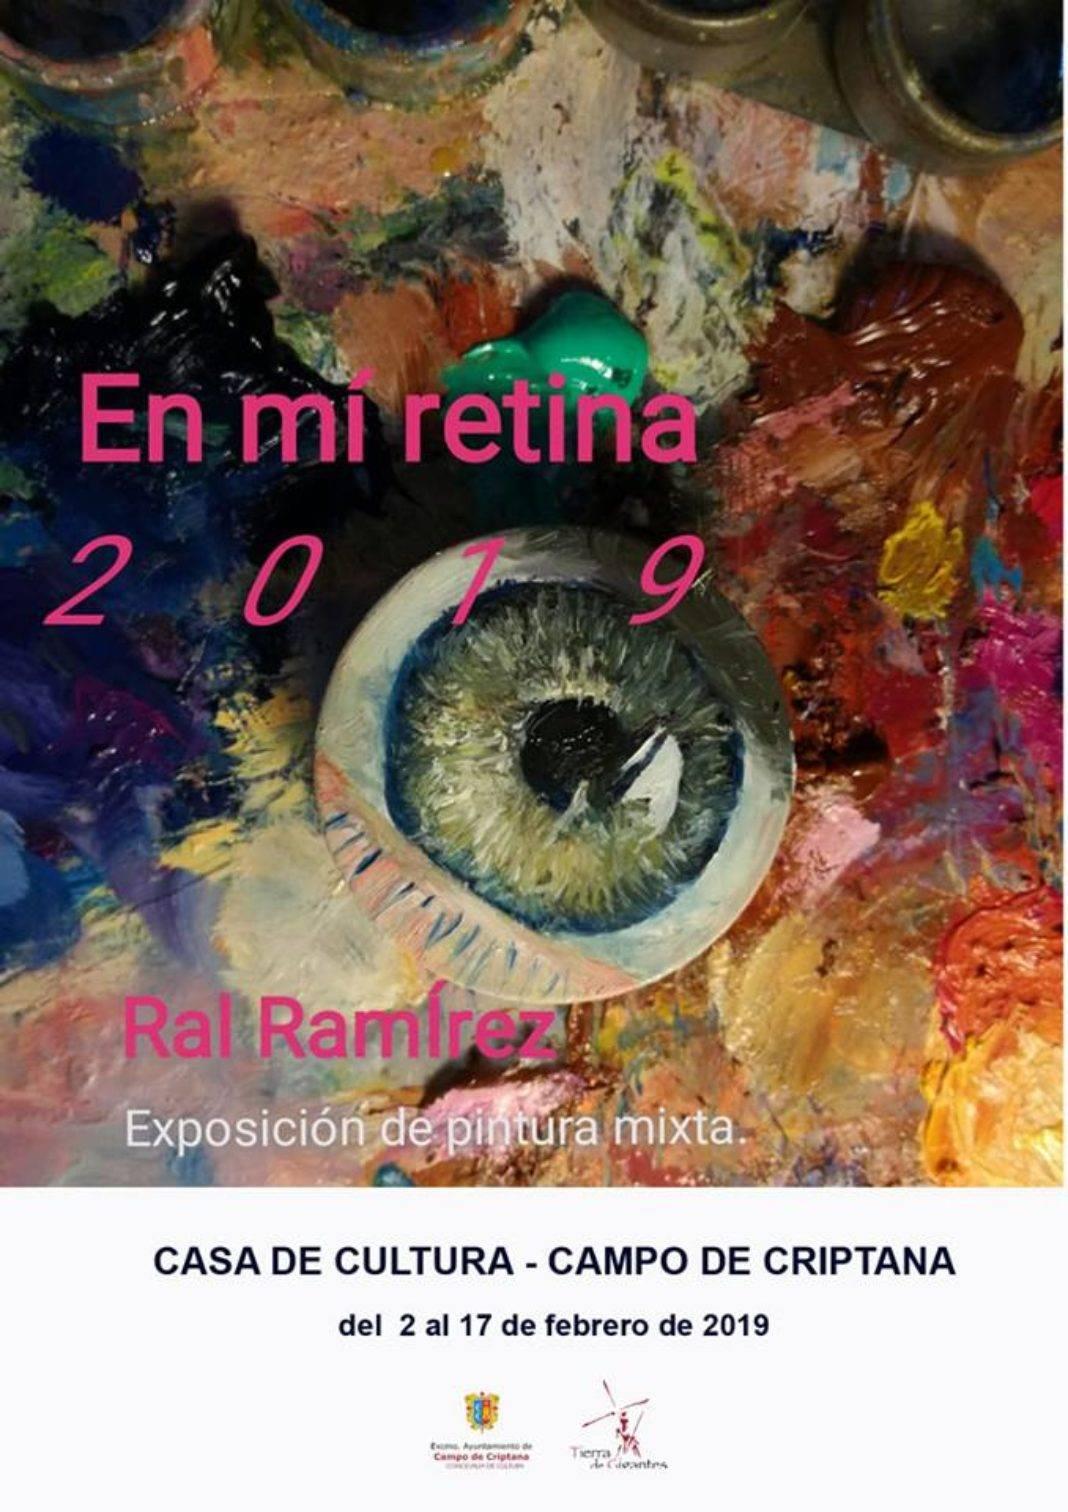 En mi retina exposición de pintura mixta de José Raul Ramírez 1068x1512 - José Raúl Ramírez expone su obra en Campo de Criptana